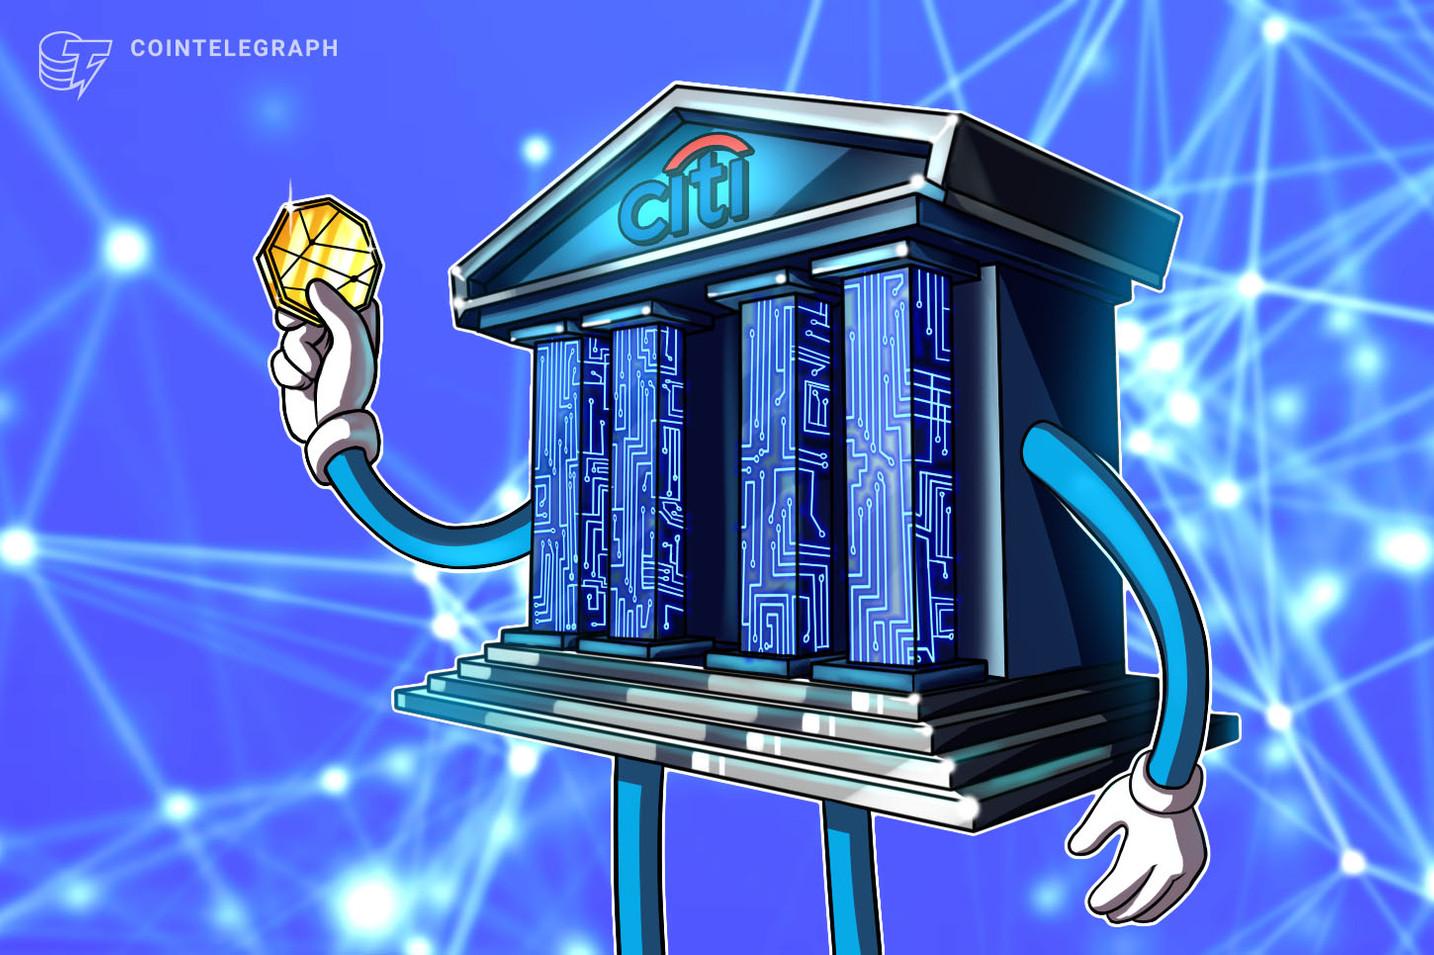 Citigroup potrebbe in futuro offrire servizi crypto per rispondere alla domanda dei clienti